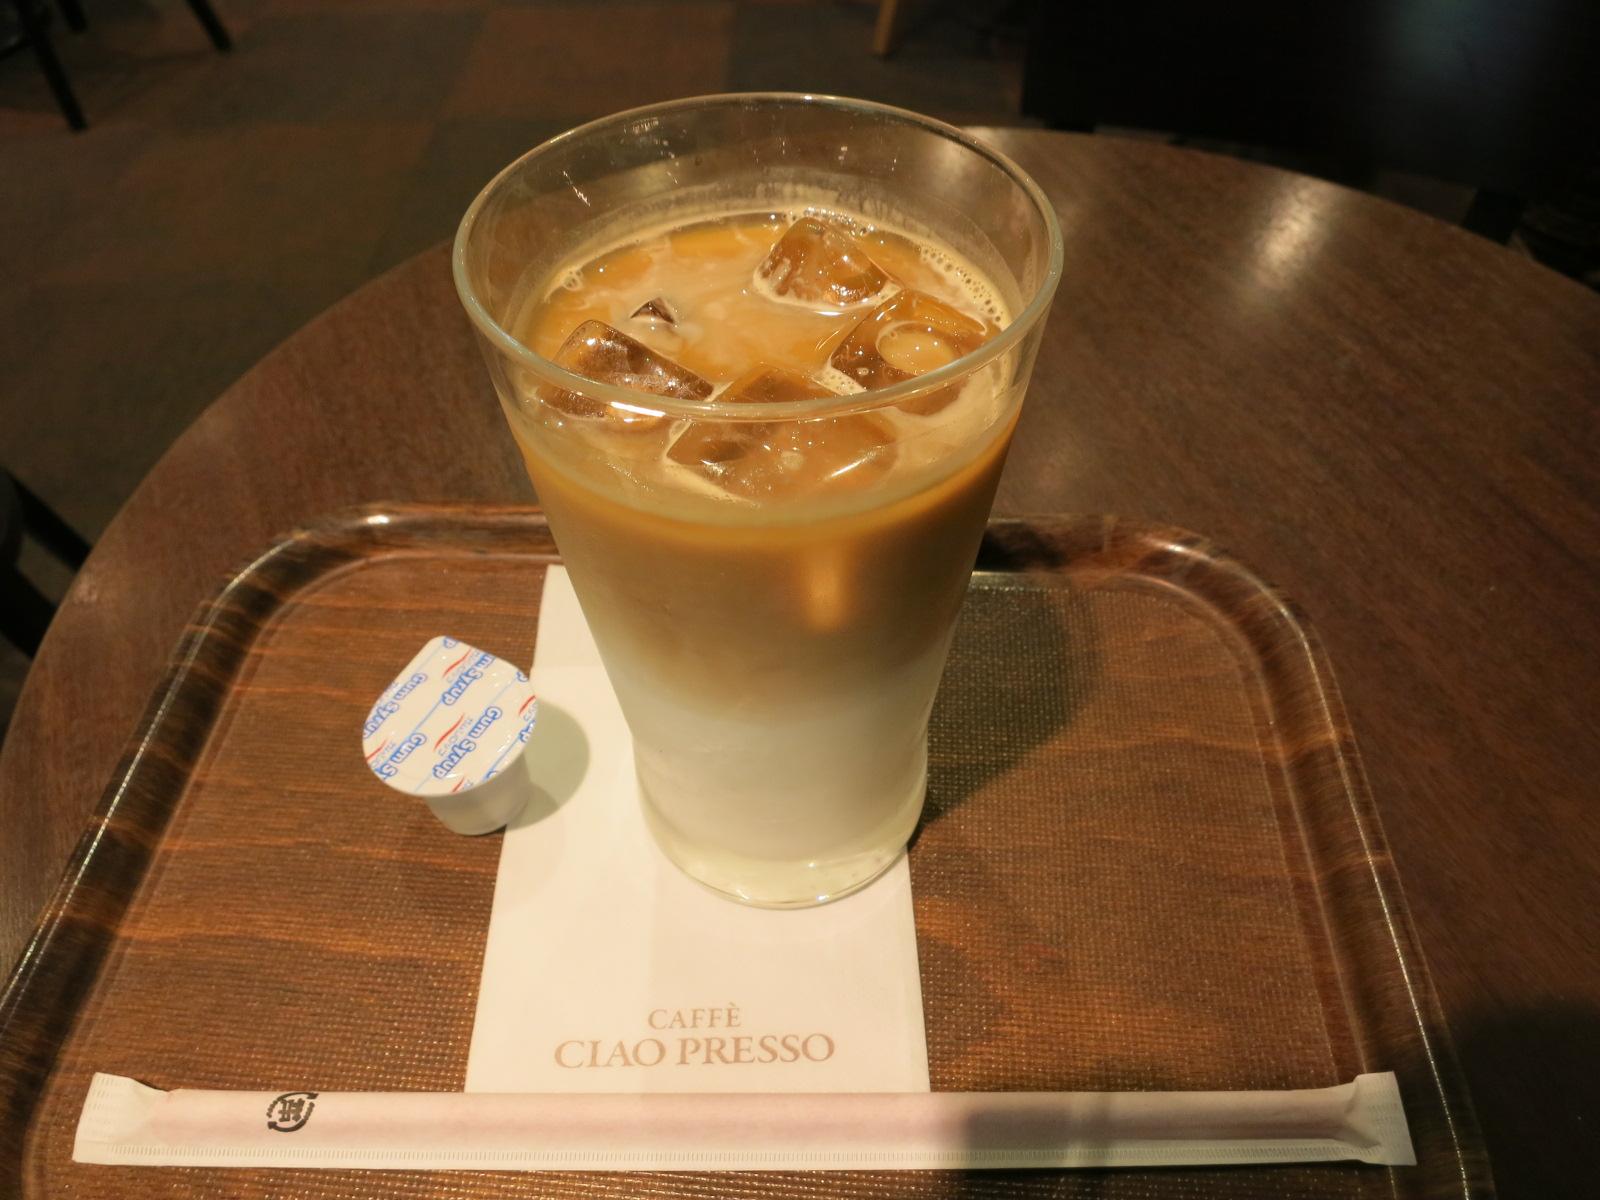 近鉄奈良駅に戻ってきました。地下構内にある、カフェのチャオプレッソで、冷たいドリンクを頂きました。